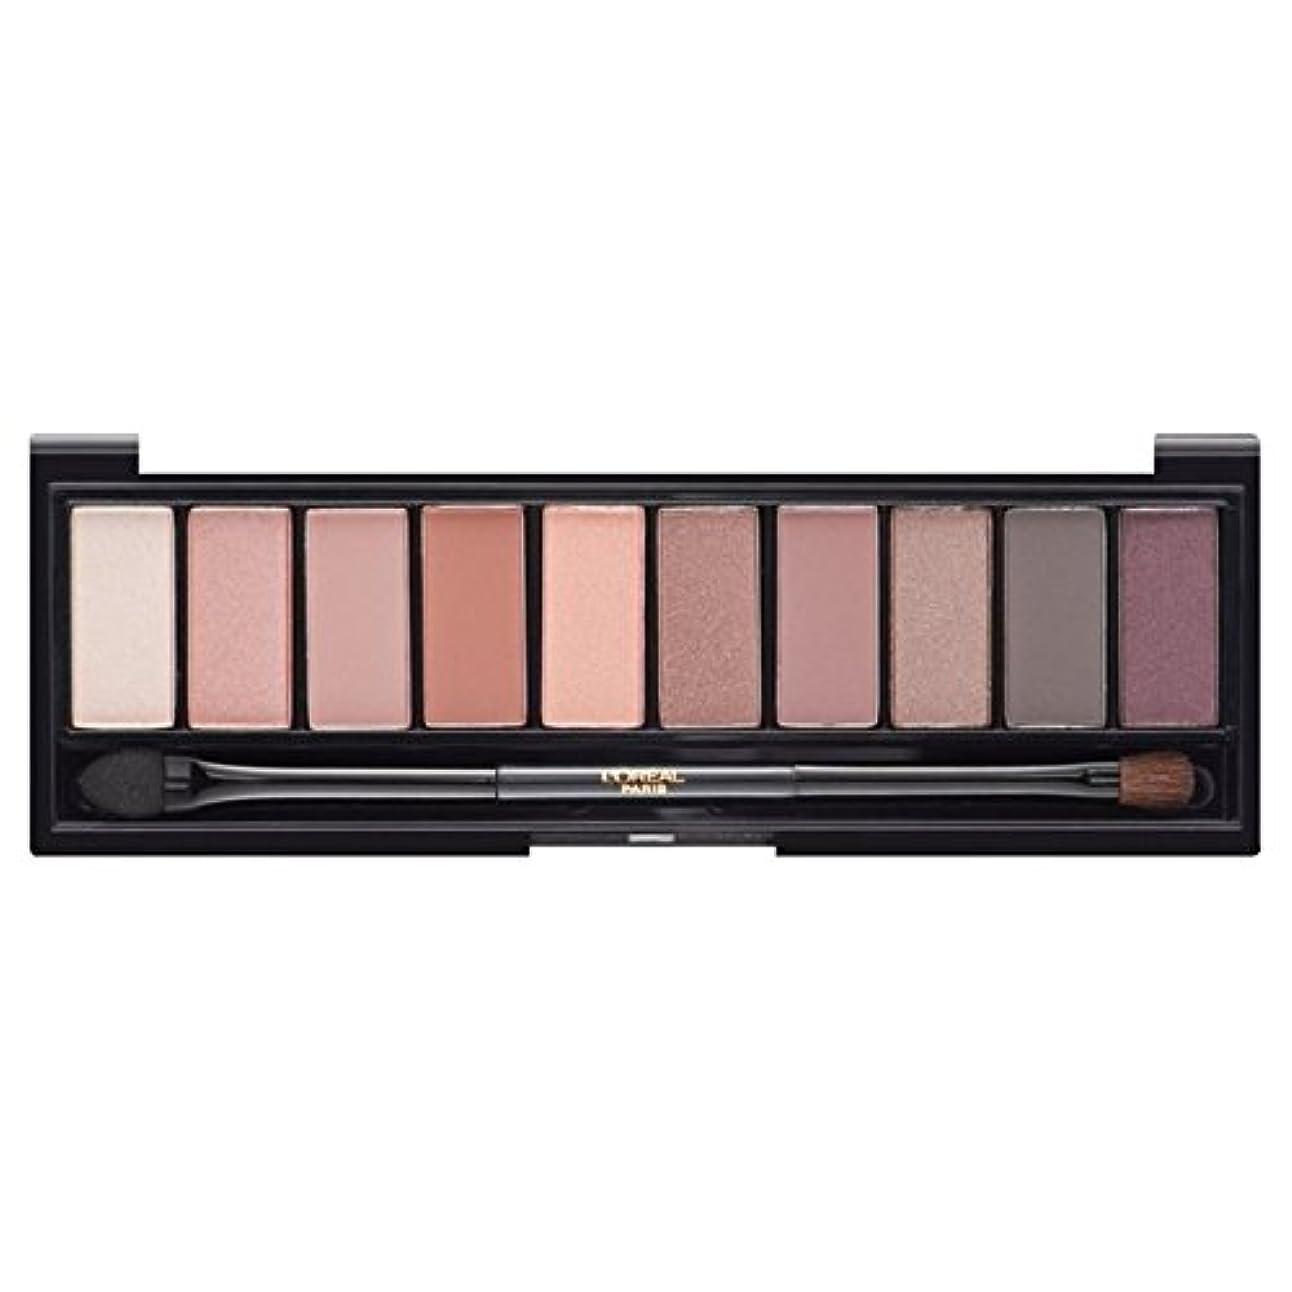 和解するピン劣るL'Oreal Paris Color Riche La Palette Eyeshadow, Nude Rose - ロレアルパリカラーリッシュ?ラ?パレットのアイシャドウ、ヌードバラ [並行輸入品]